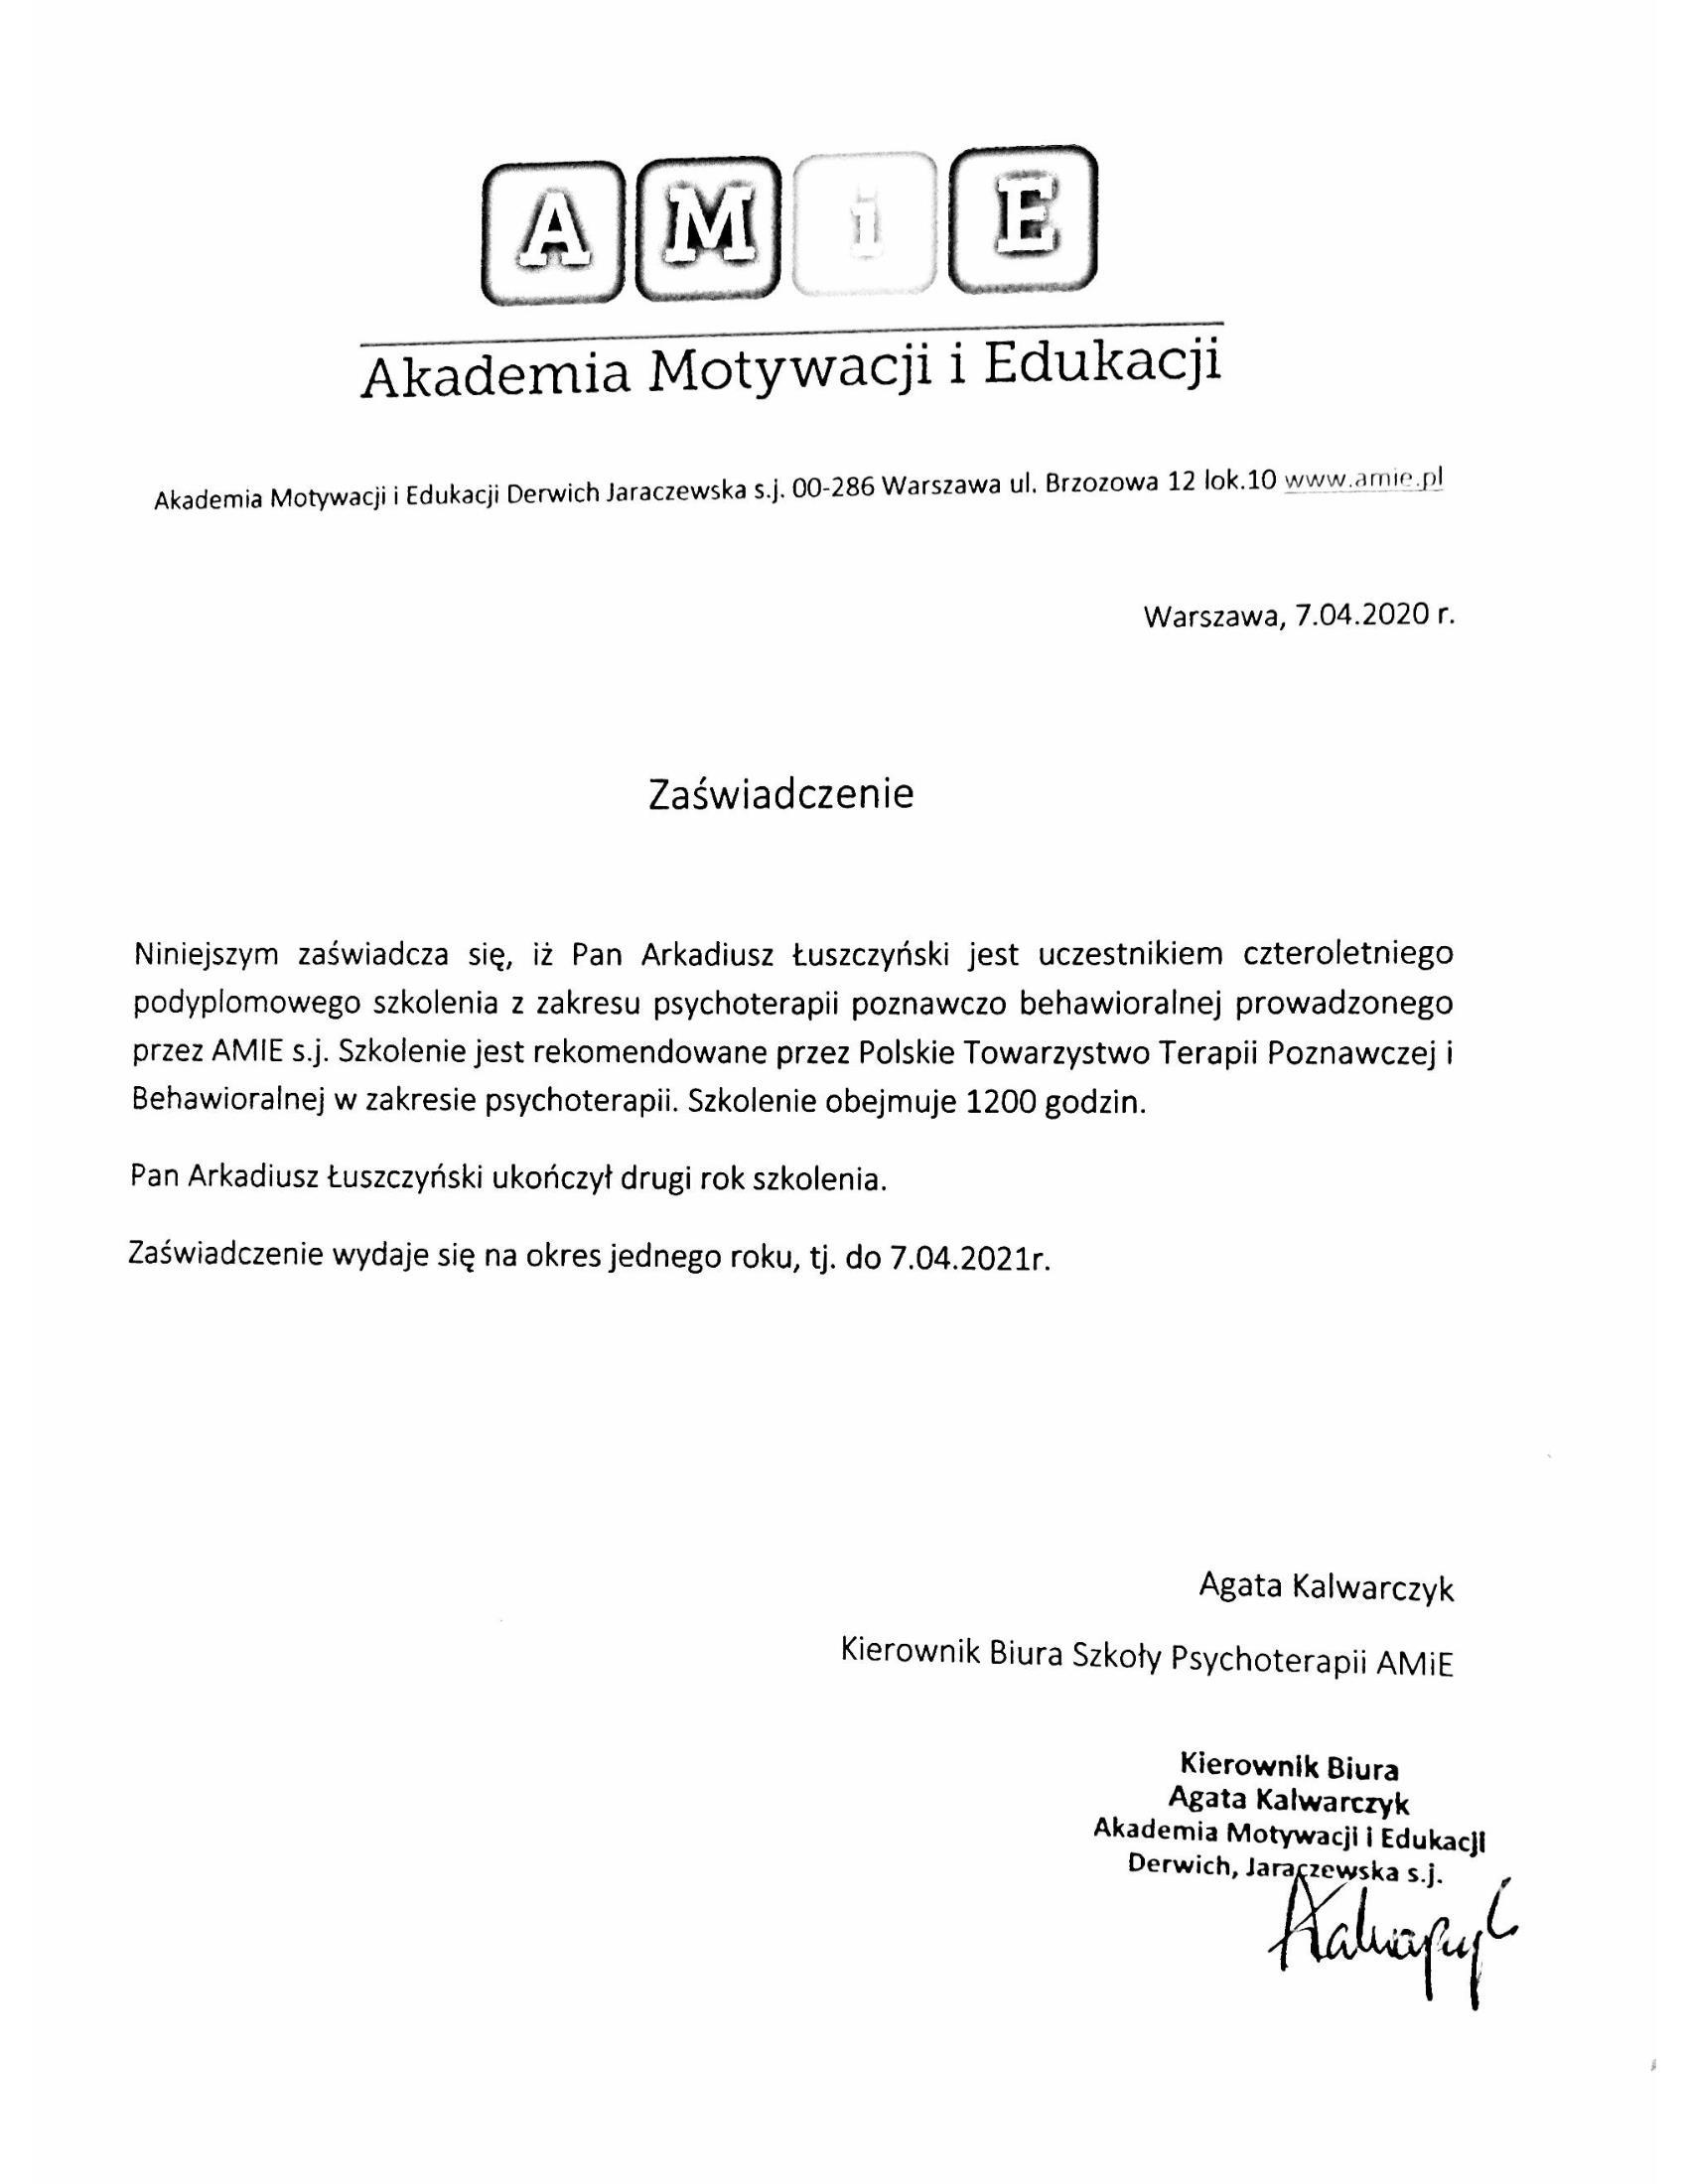 Arkadiusz-Łuszczyński-zaśwaidczenie